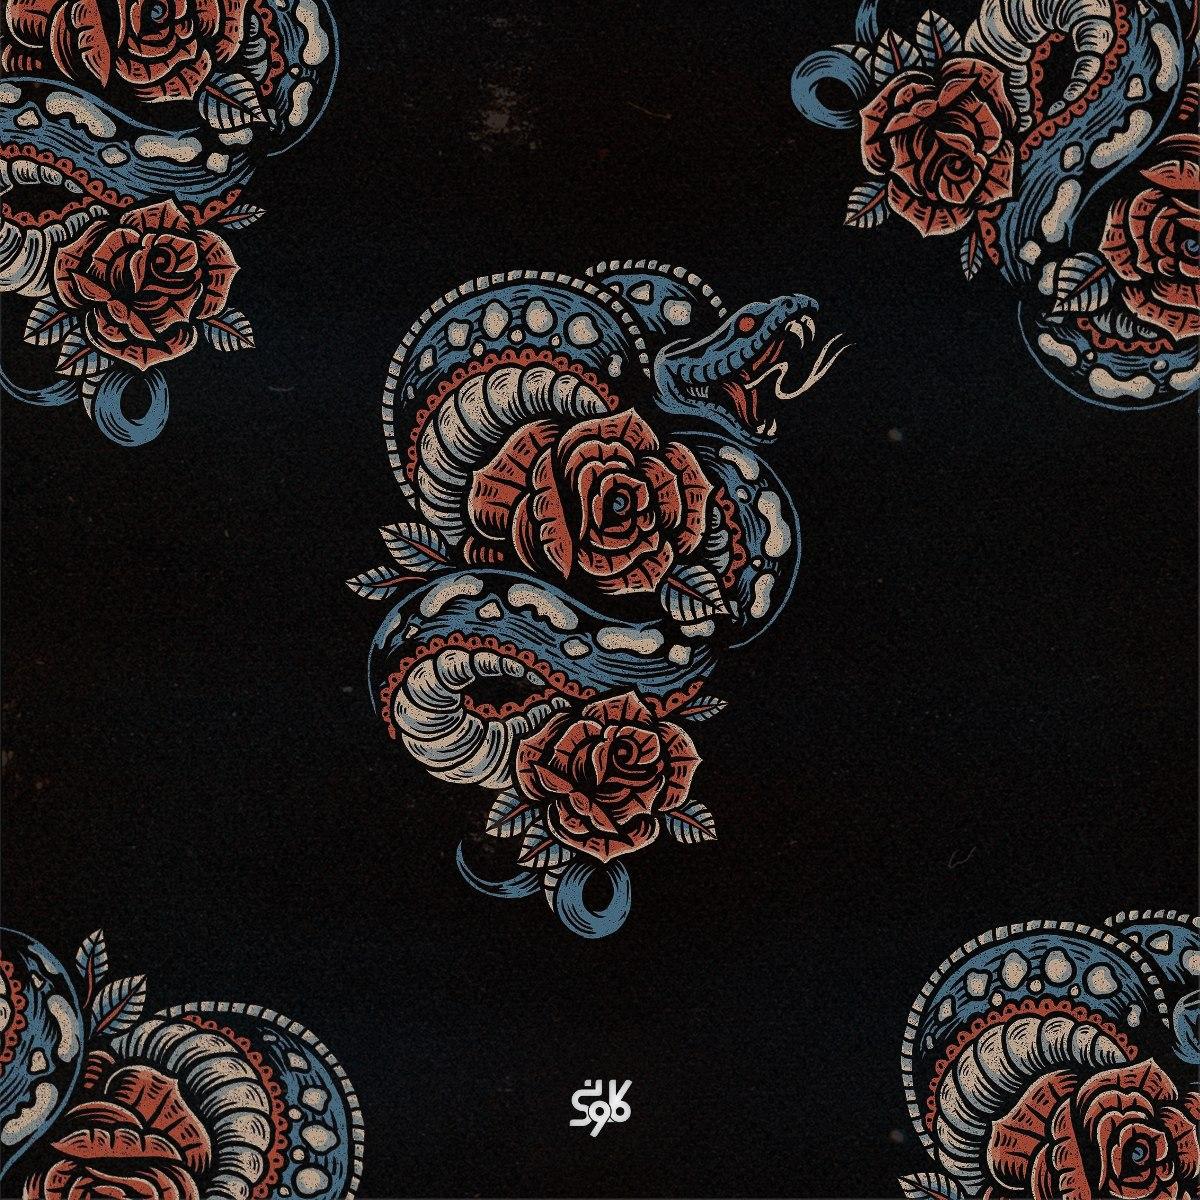 آلبوم اینسترومنتال عرفان قدیس و مجستی به نام  Rose